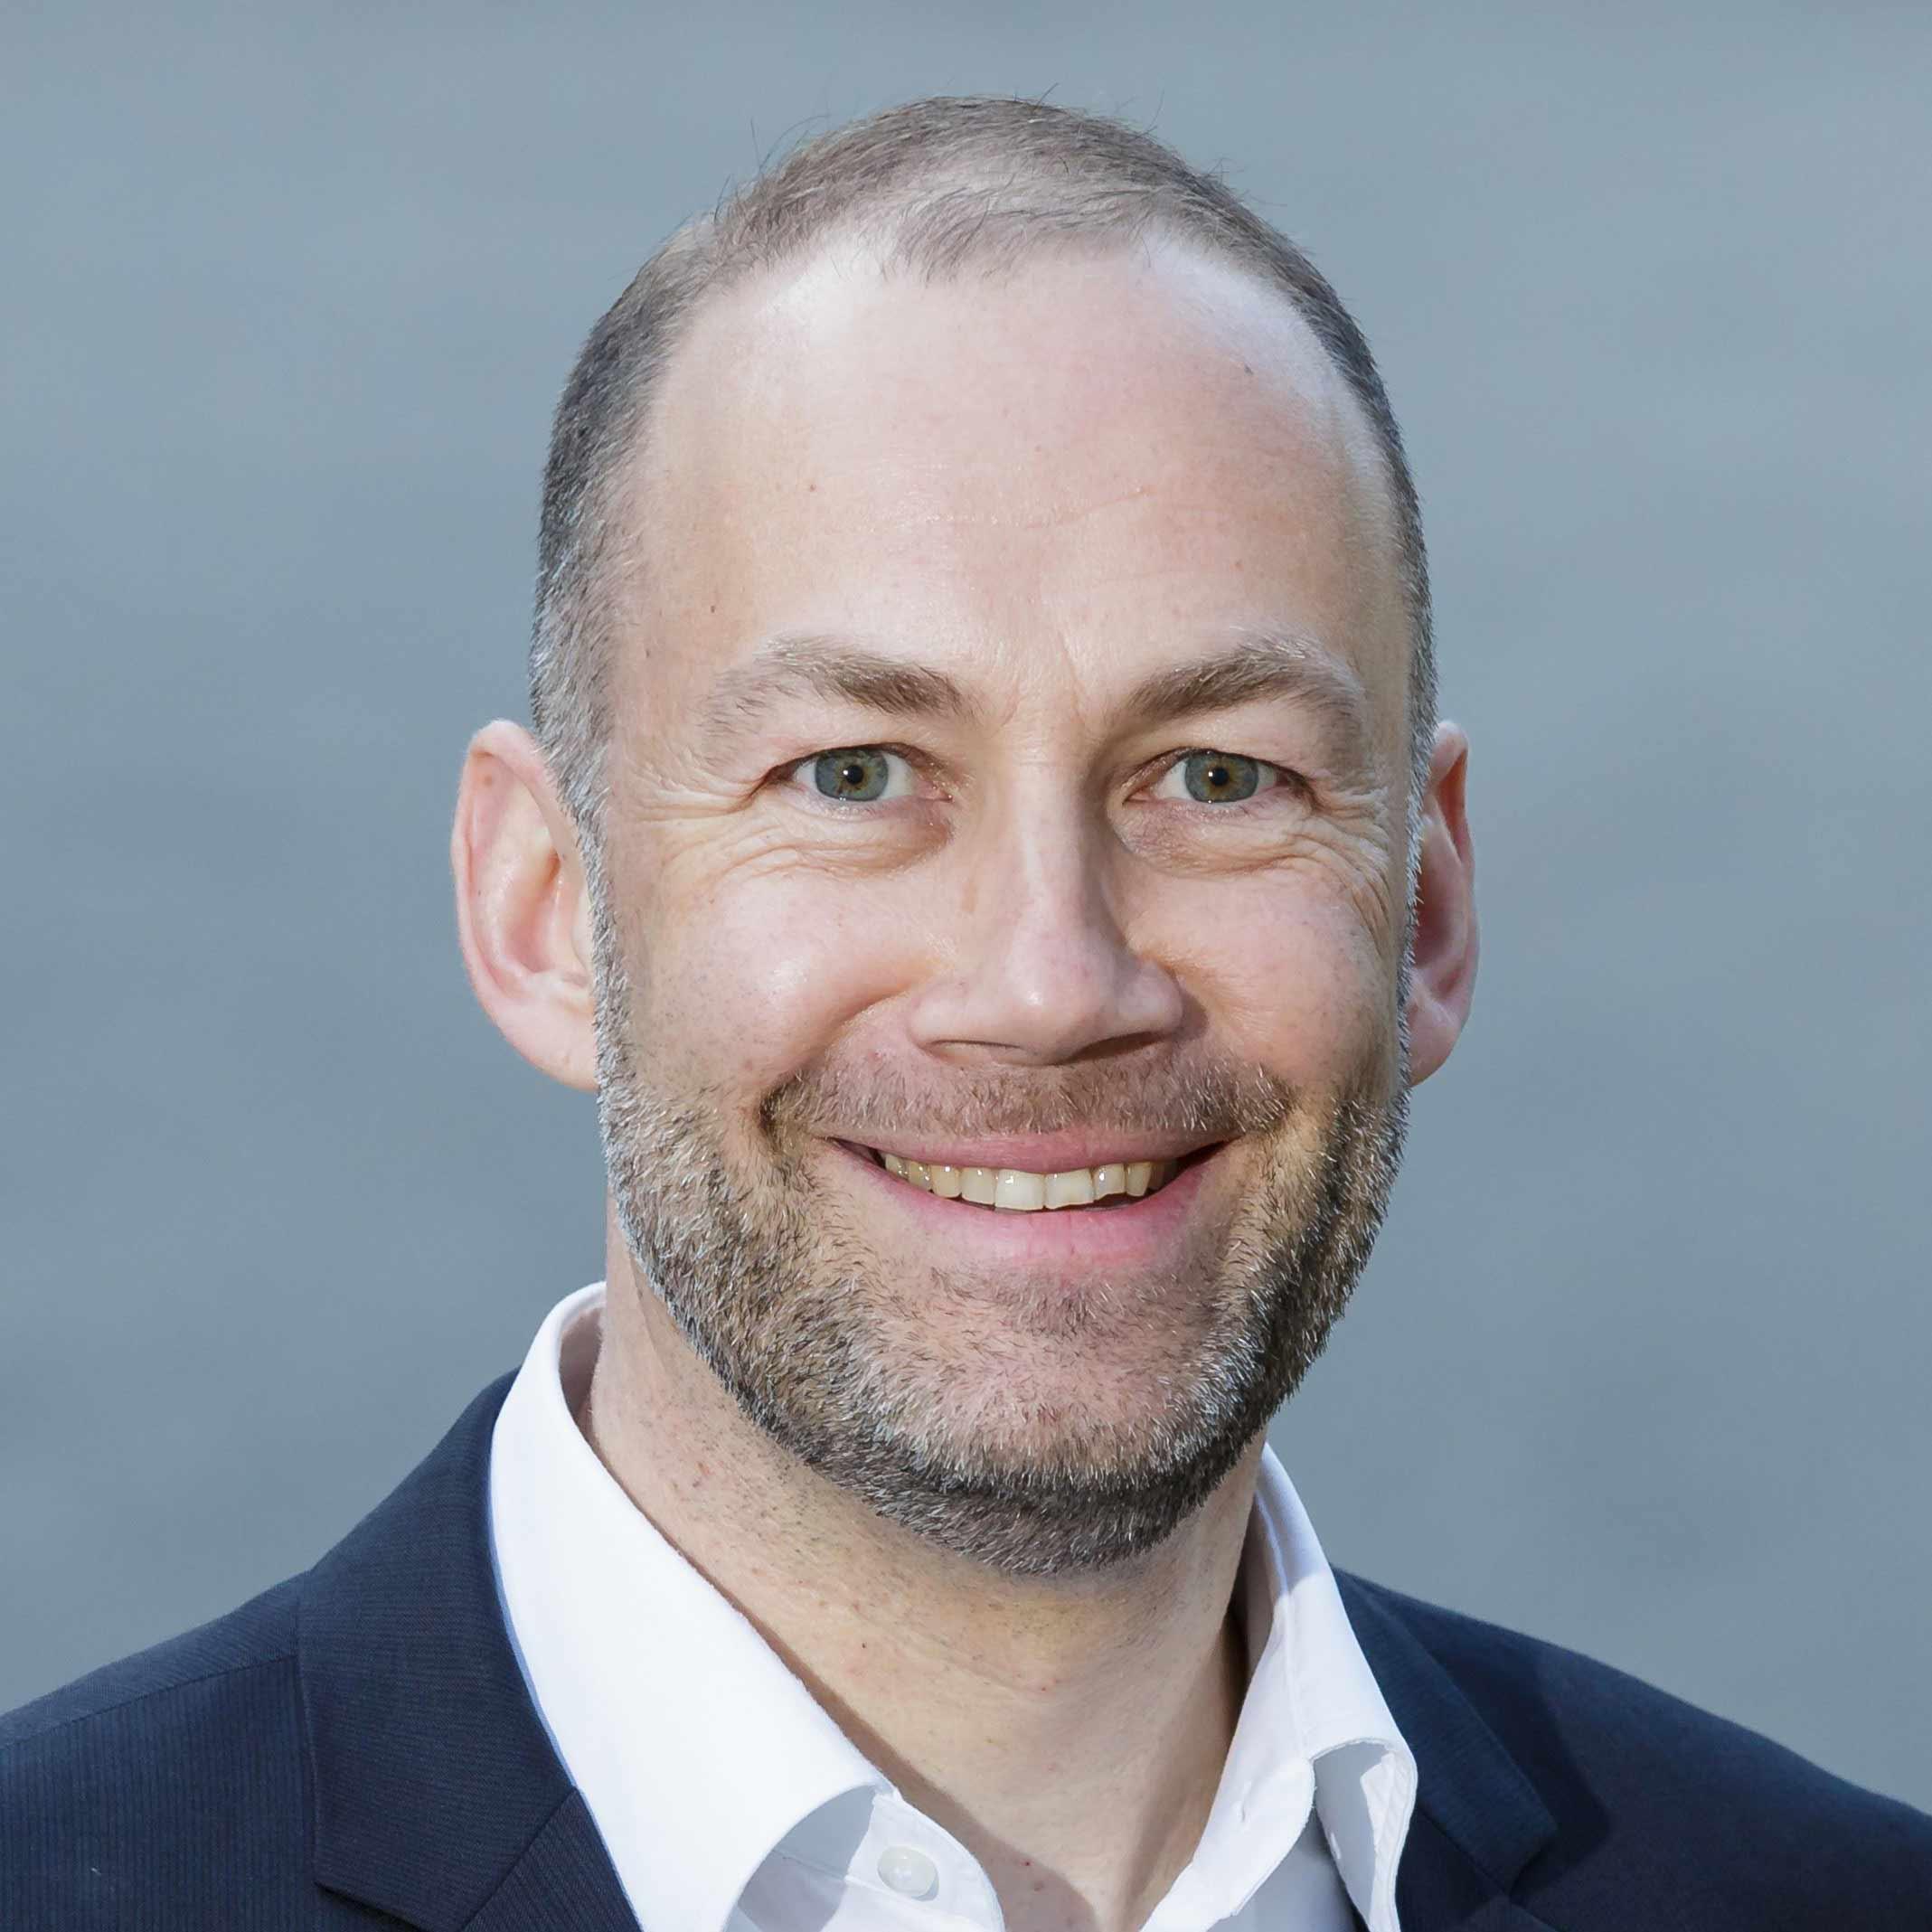 Verkaufs- & Führungstrainer Mike Fruet für Seminare in Zürich